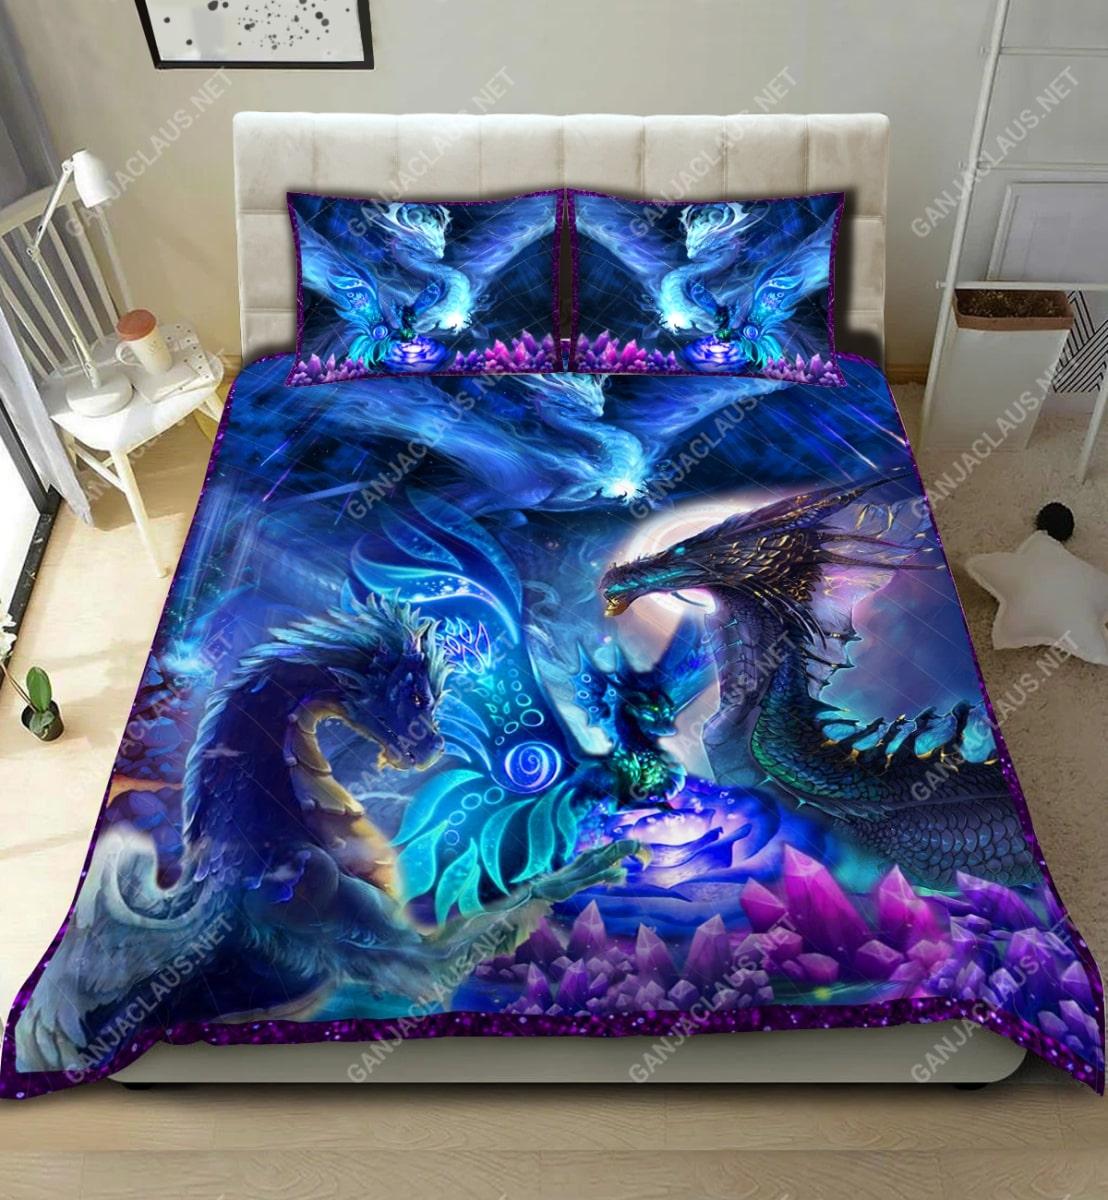 dragon night full printing bedding set 2